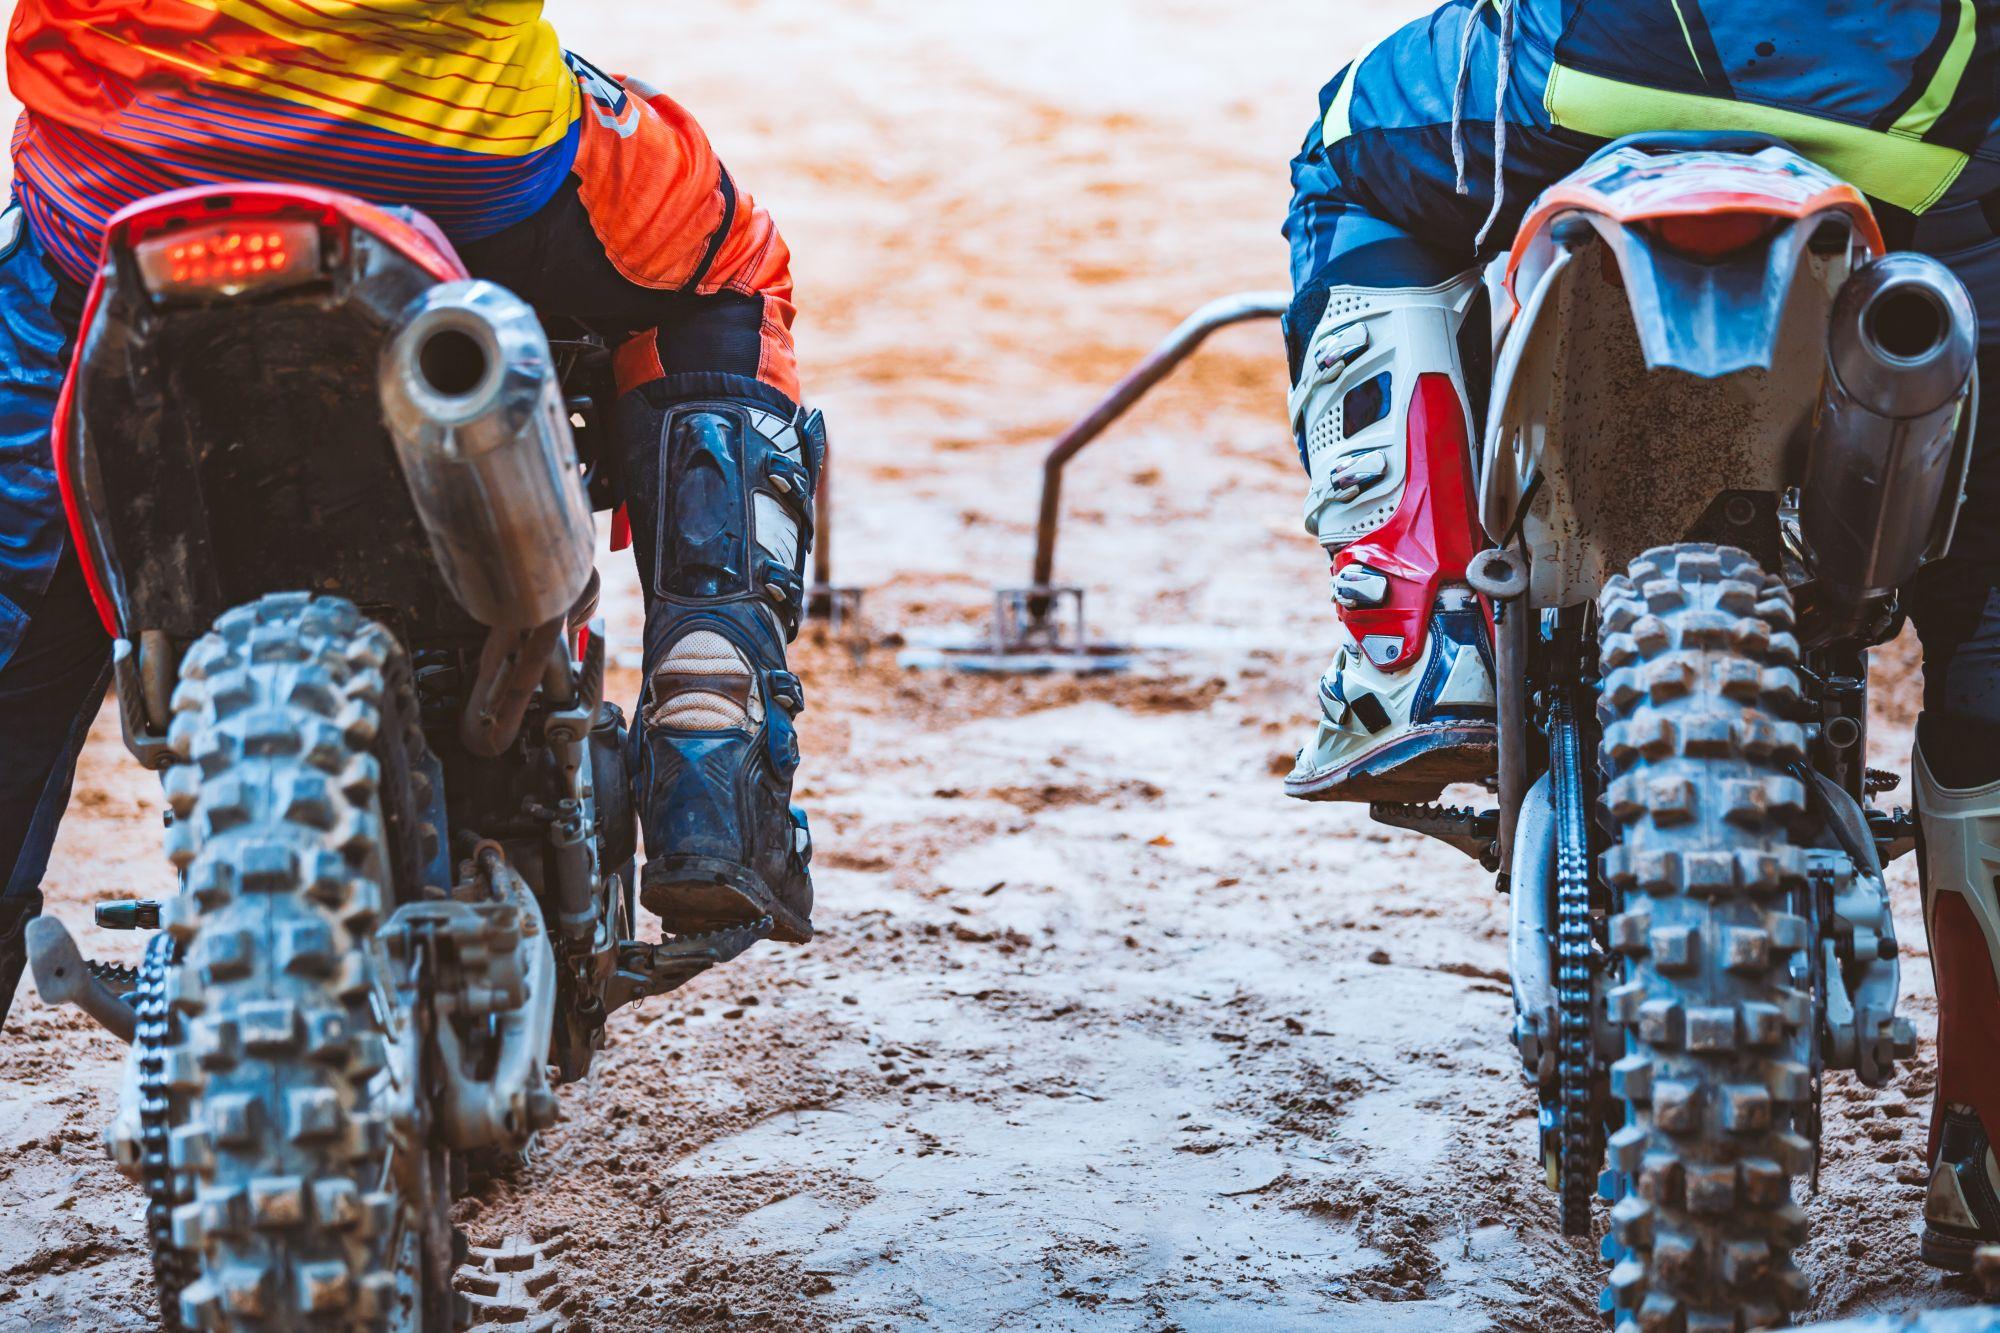 Crossmotorozó emberek motoros csizmában